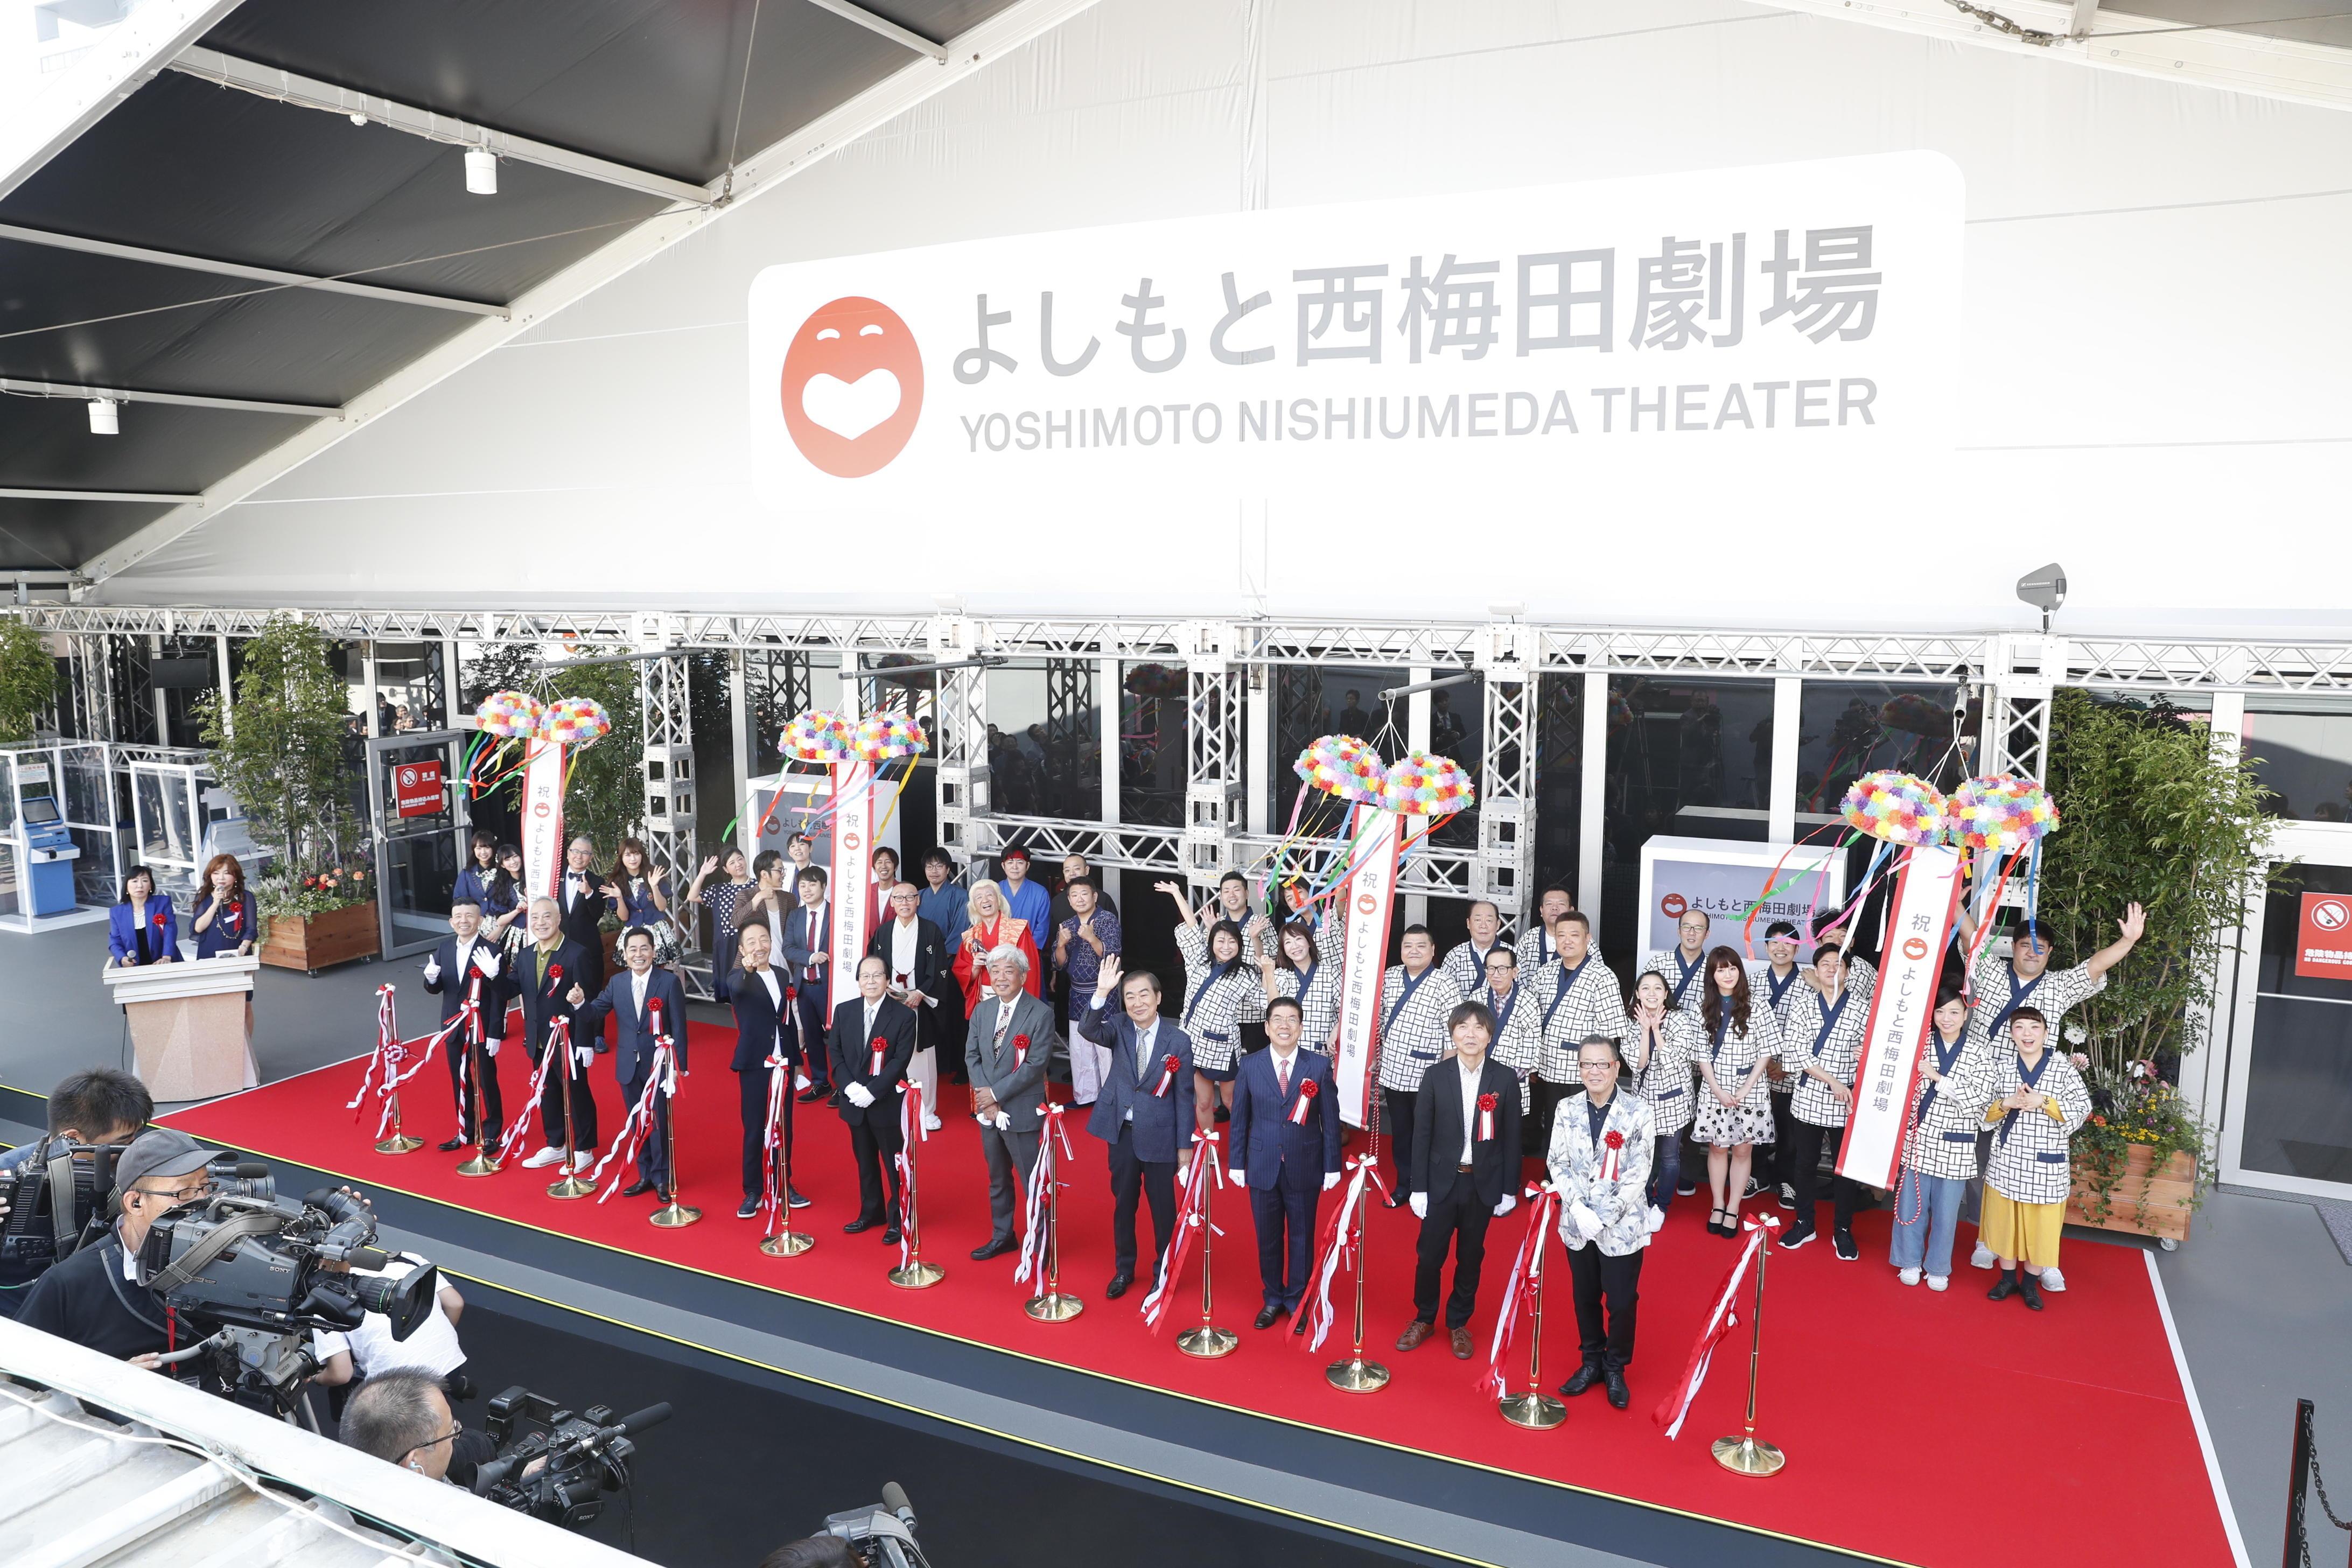 http://news.yoshimoto.co.jp/20170925160801-1884369e4e897786f4c68c5900a3fc6f907d7dfd.jpg